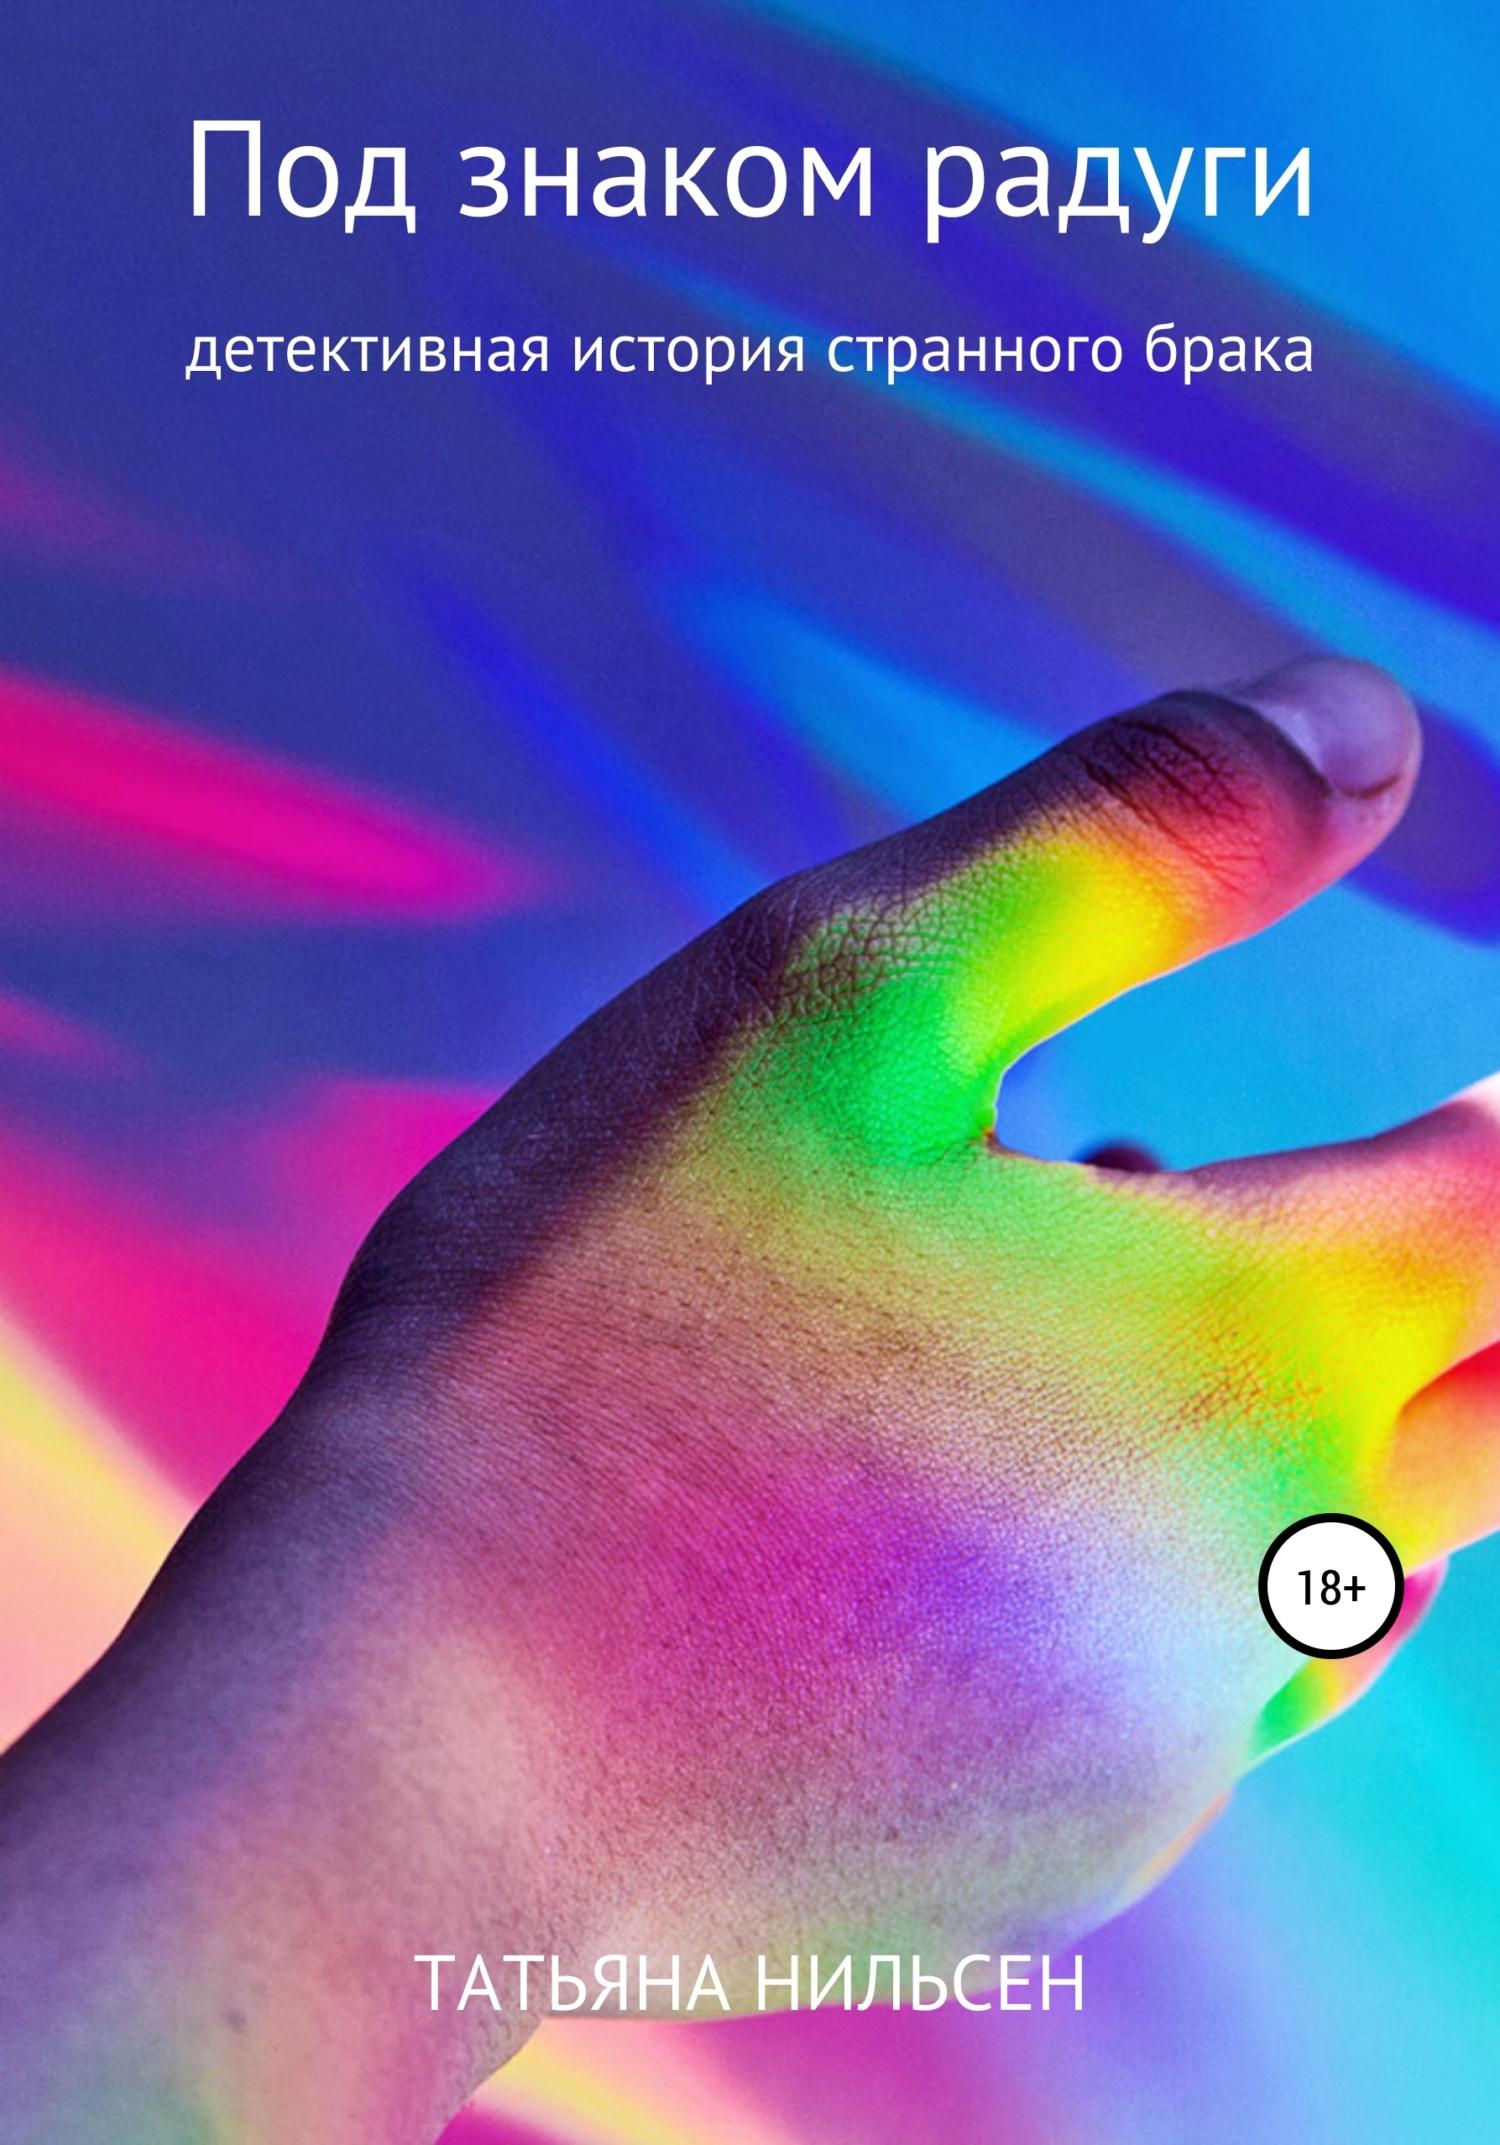 Татьяна Нильсен Под знаком радуги татьяна нильсен под знаком радуги